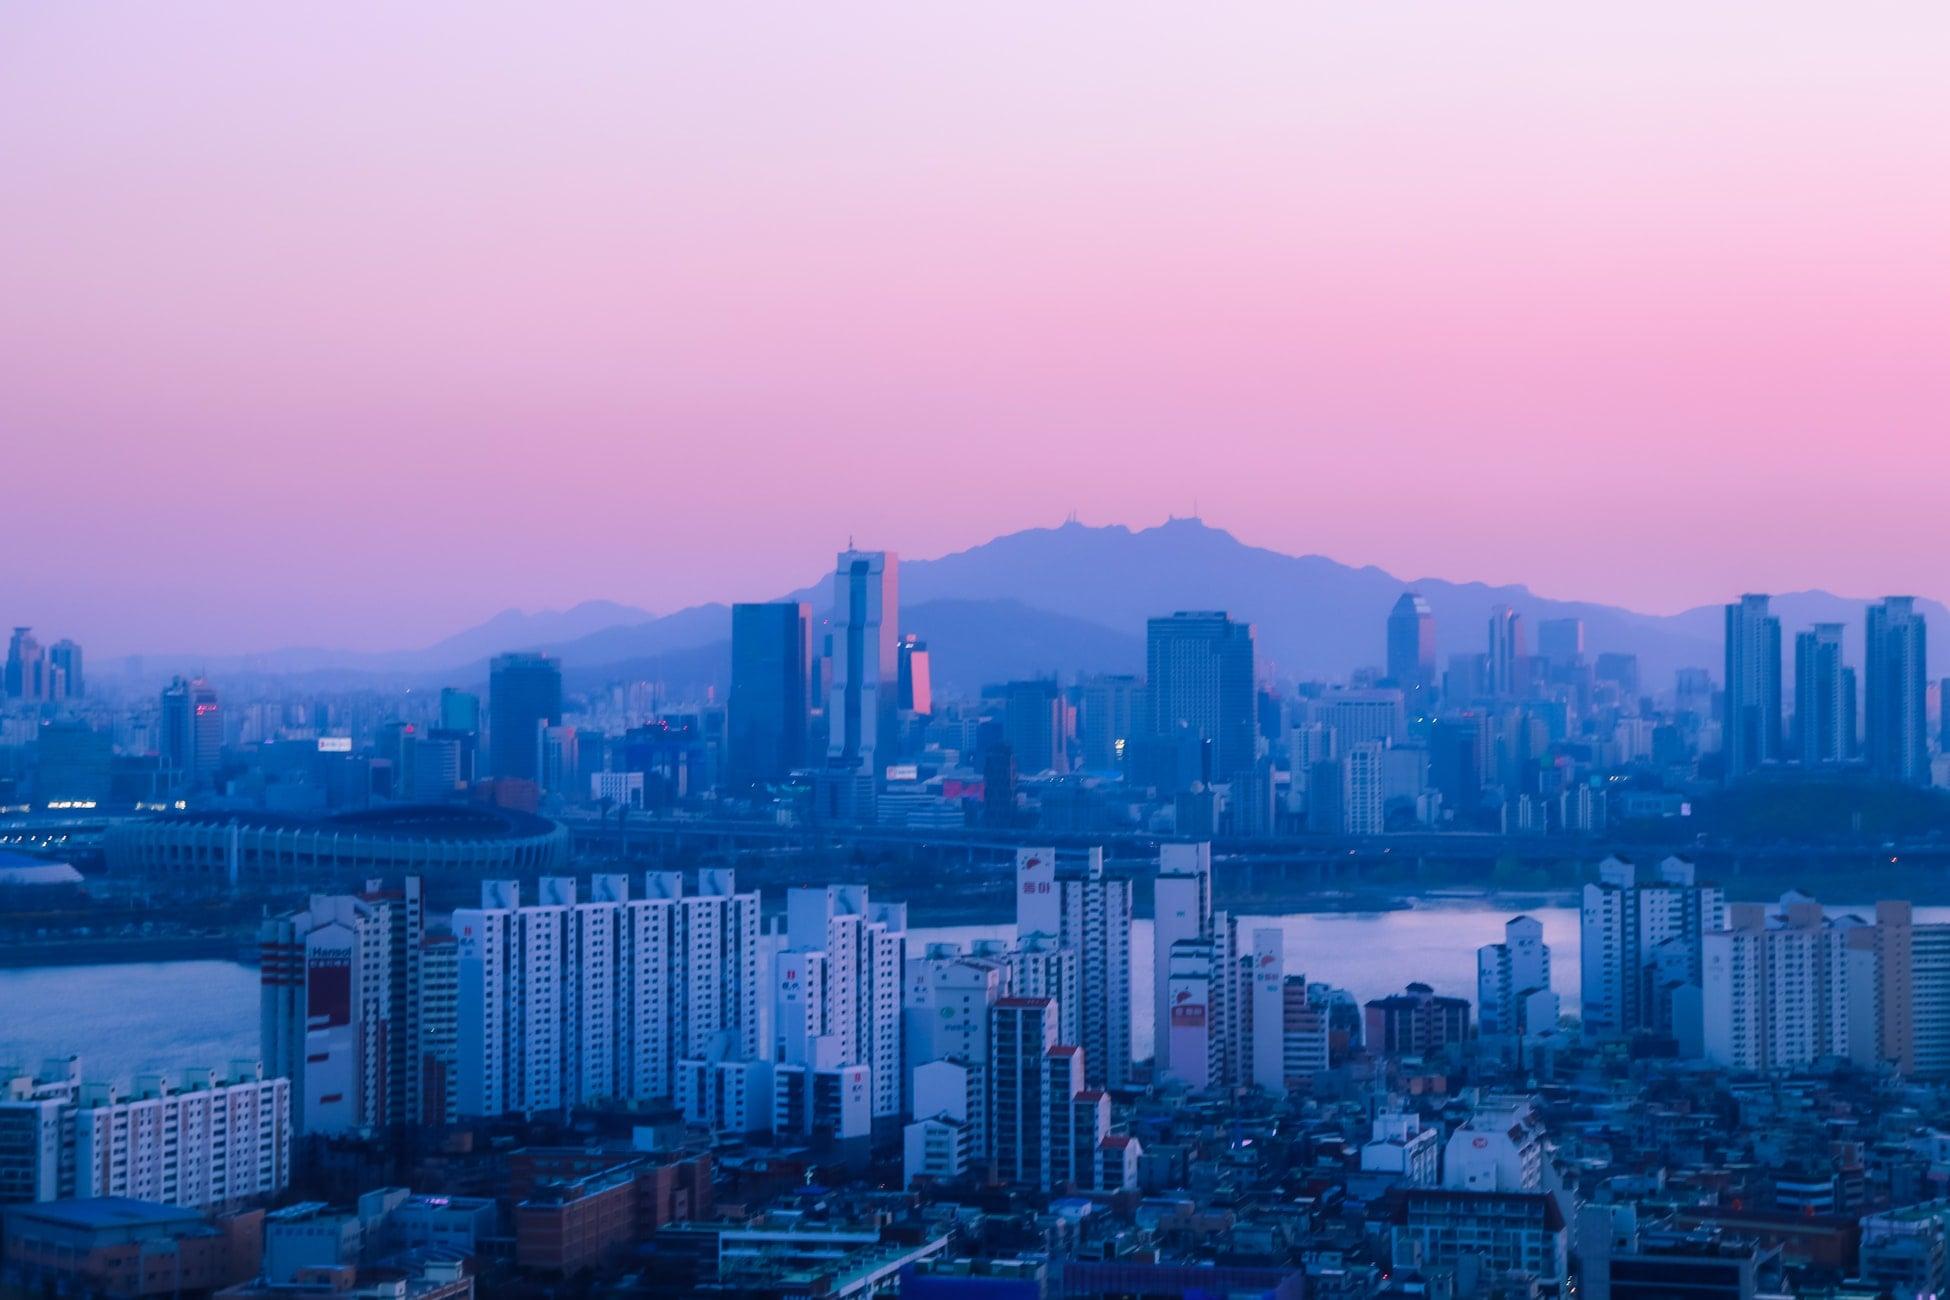 vue sur la ville au coucher du soleil voyage en famille